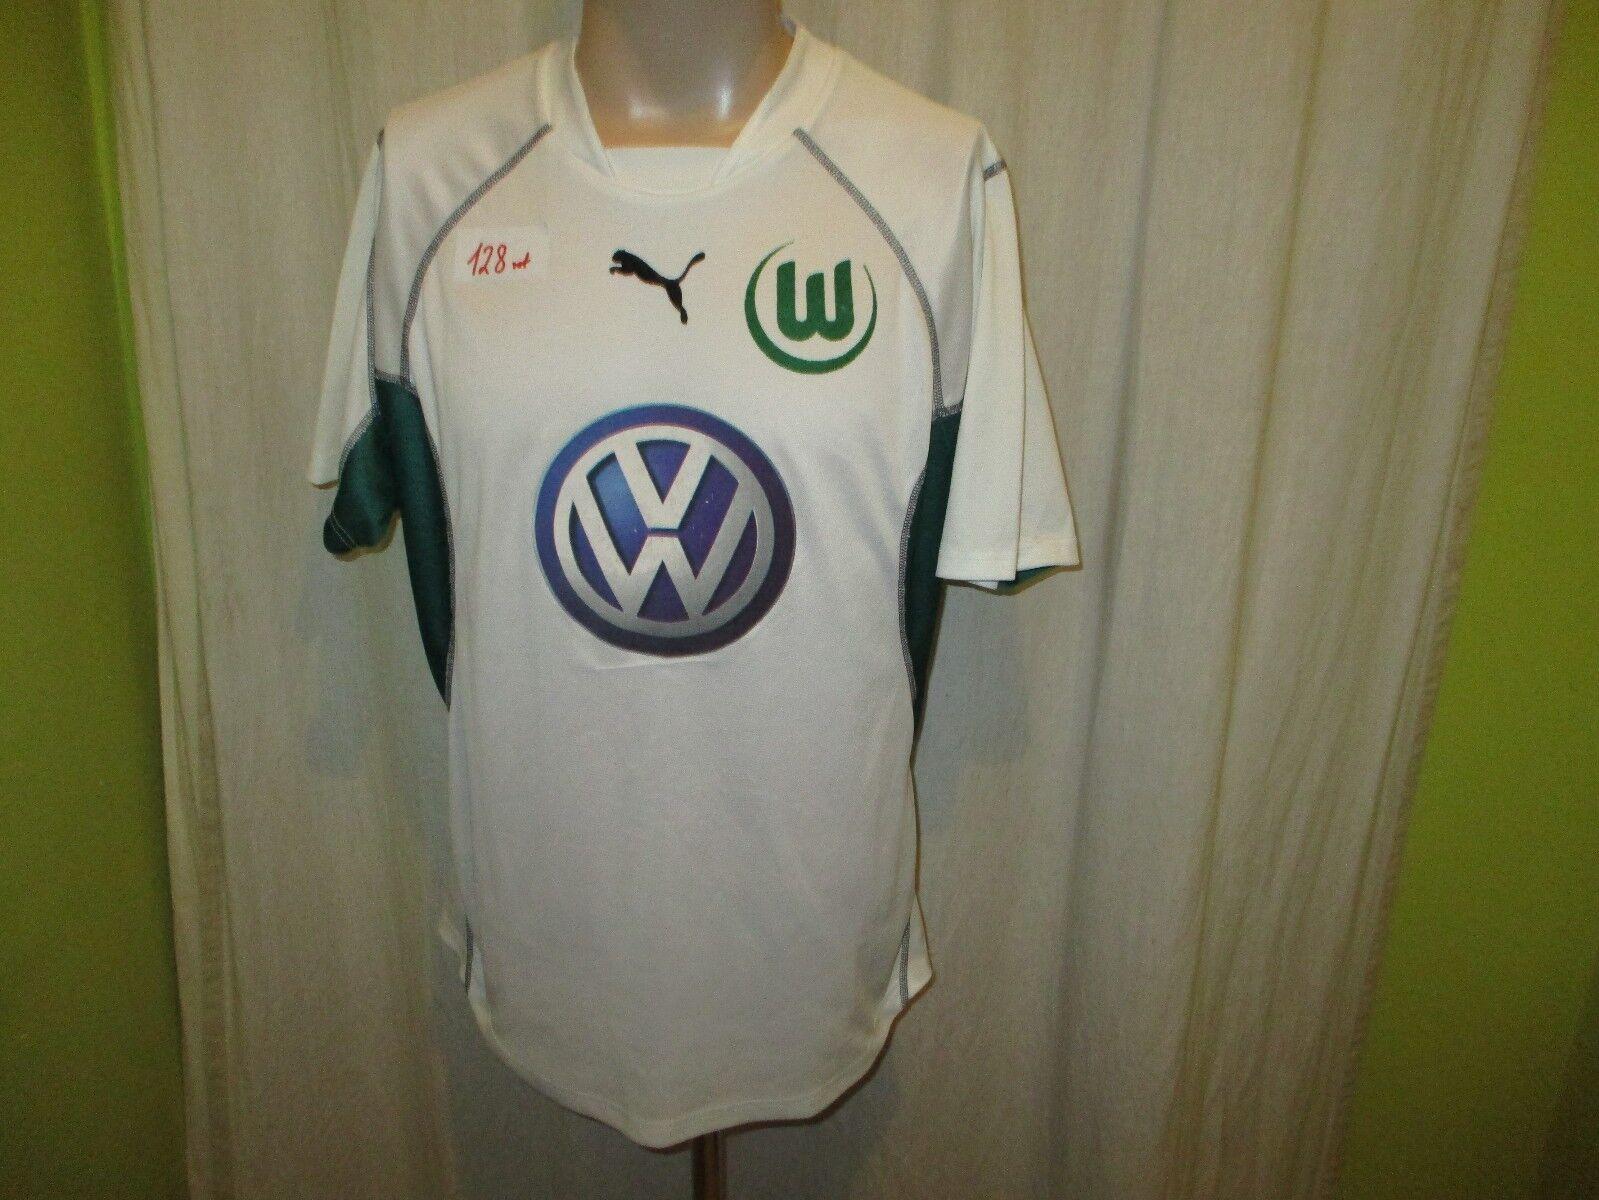 VfL VfL VfL Wolfsburg Original Puma Heim Trikot 2002 03  VW  Gr.L f2c2c7